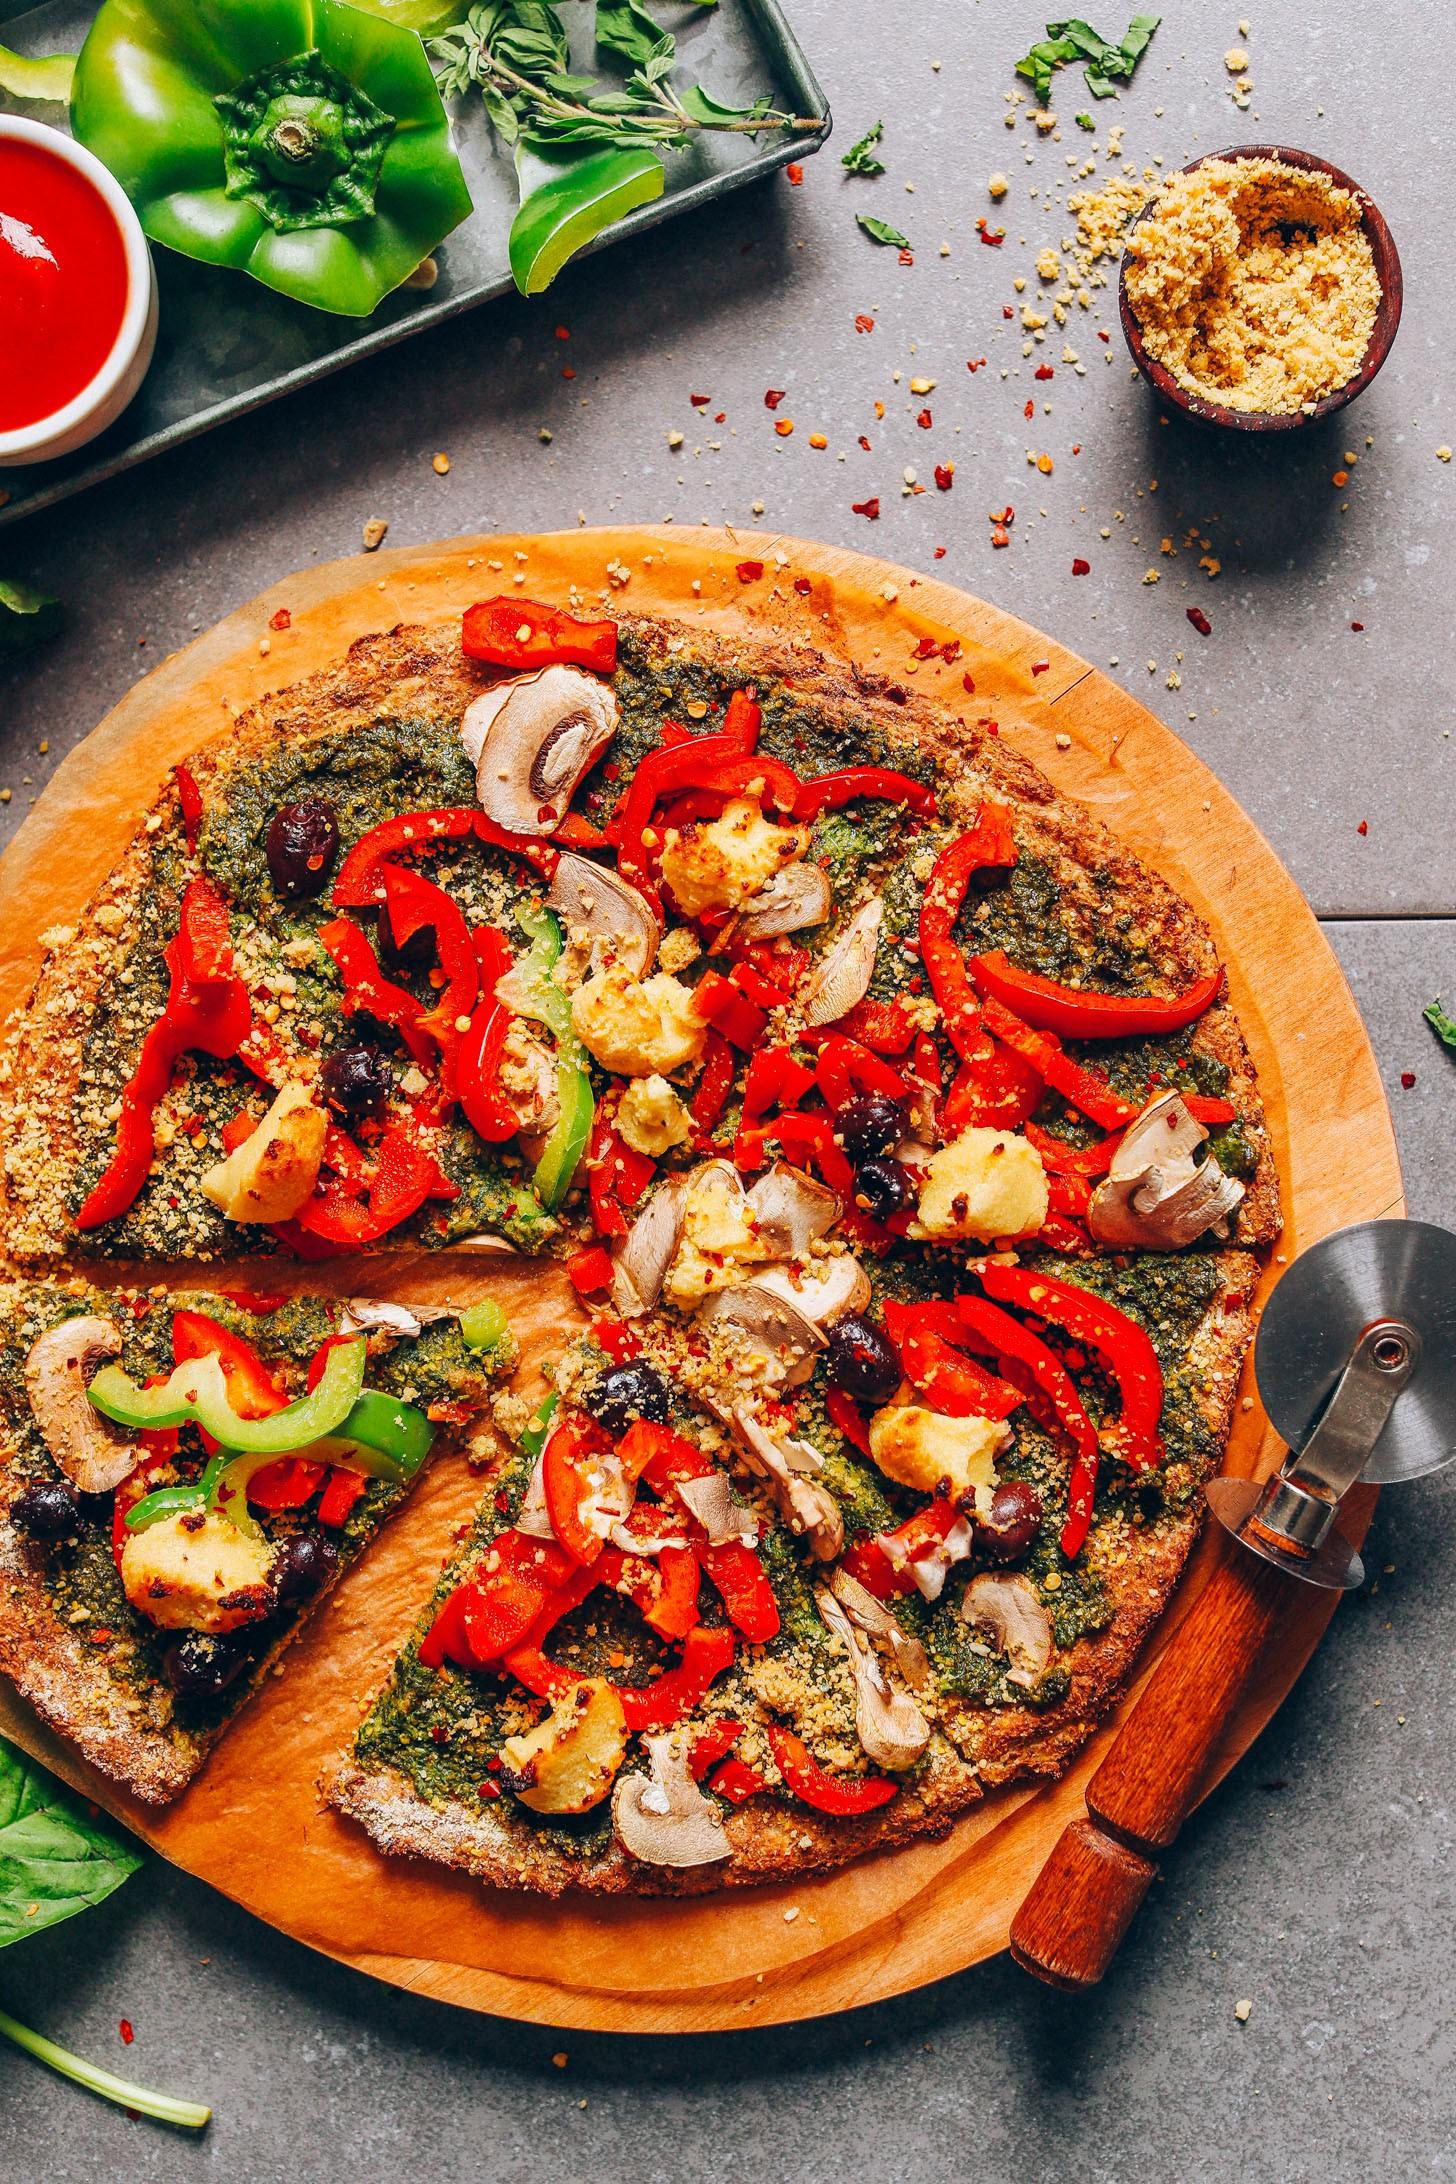 حشوات للبيتزا - طريقة عمل بيتزا الخضار